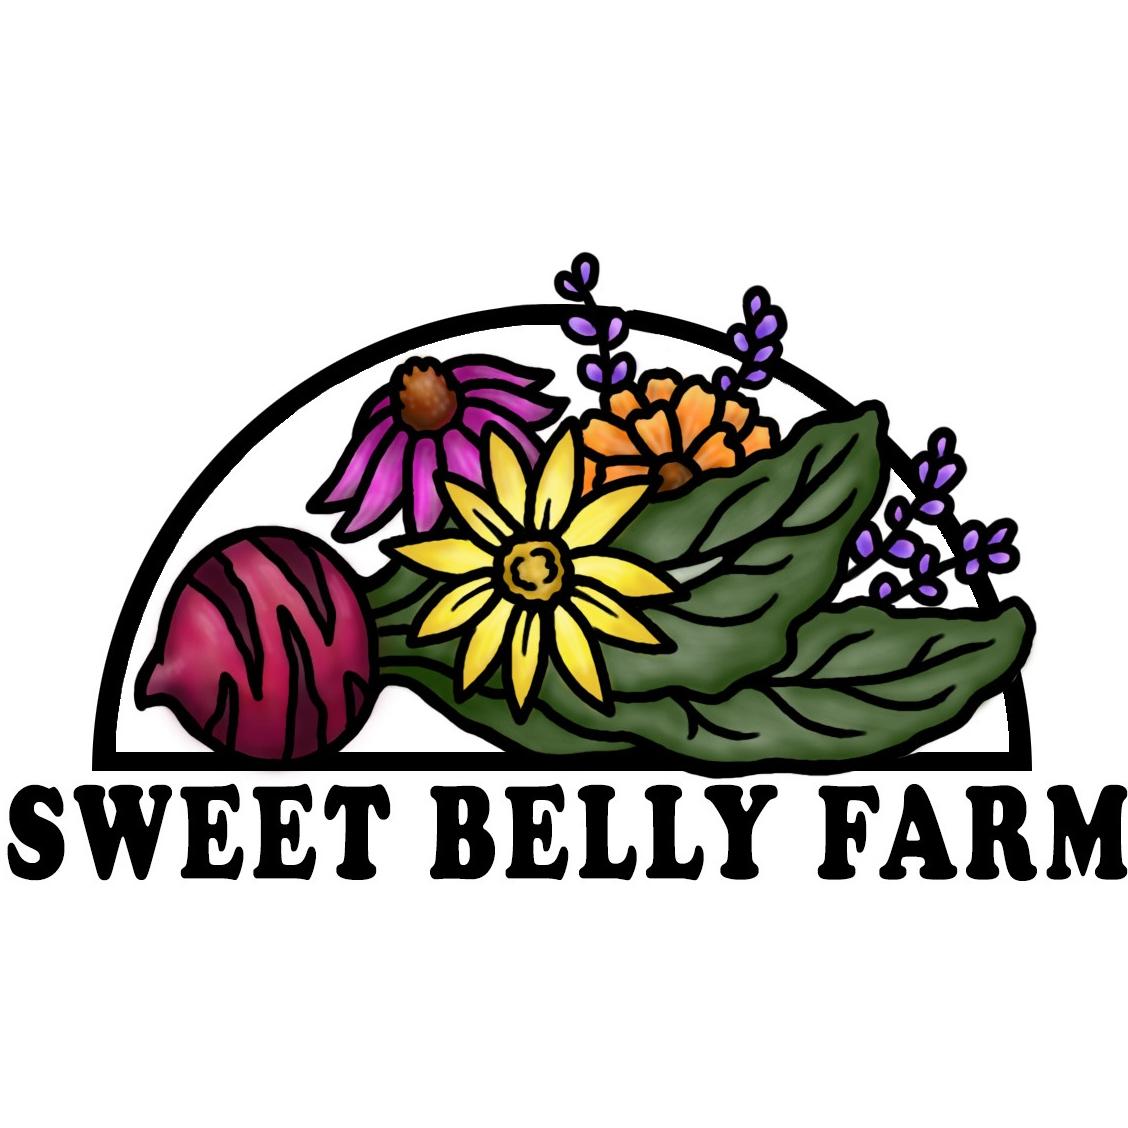 Sweet Belly Farm